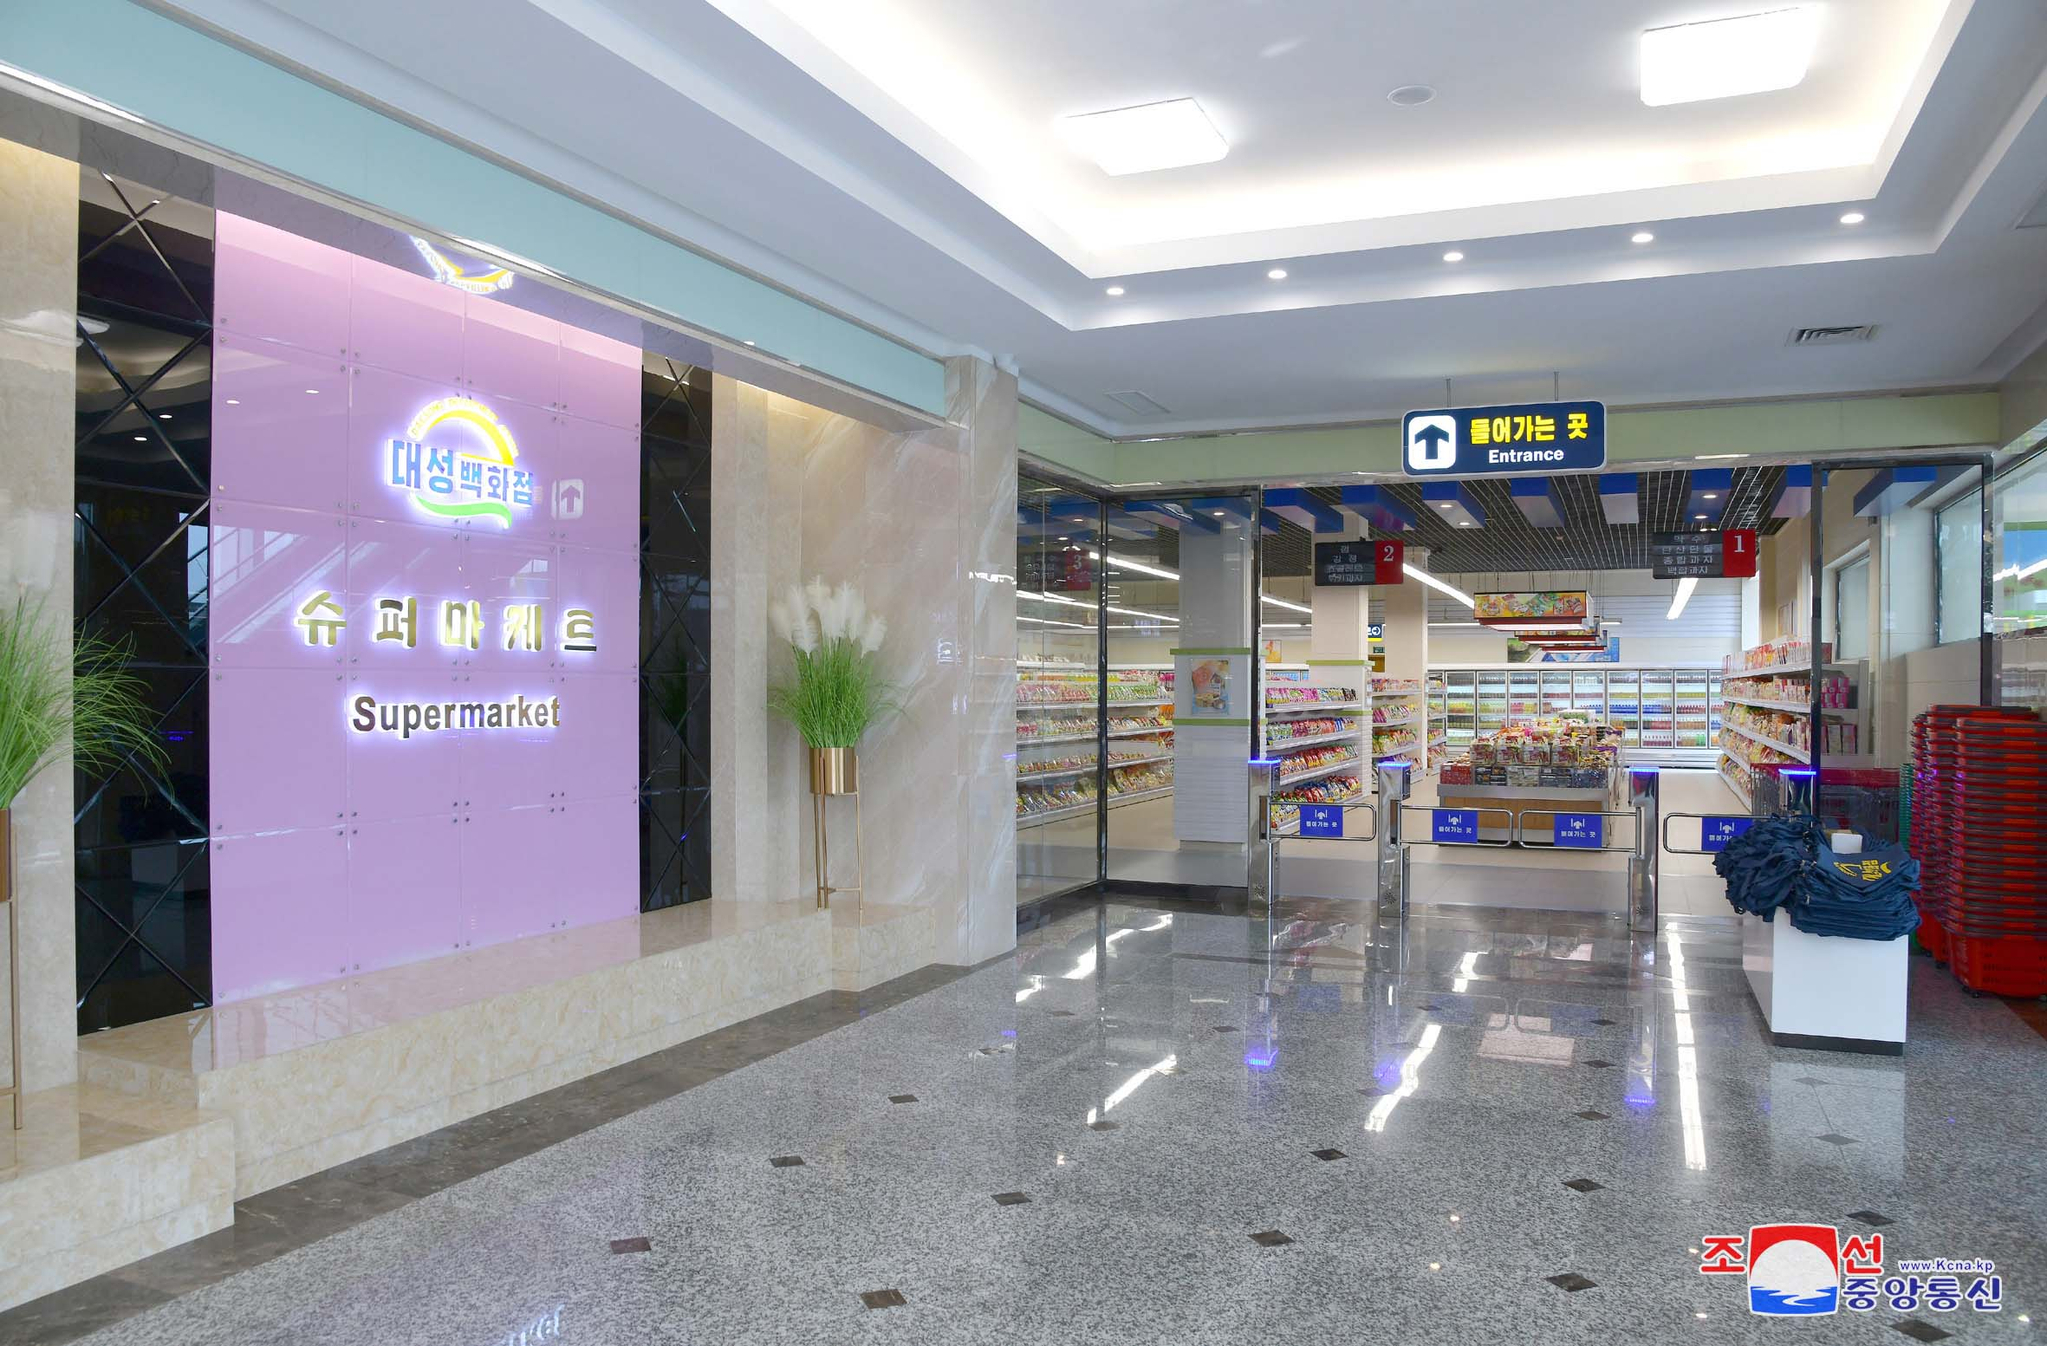 평양 대성백화점 1층 슈퍼마켓 입구 전경. [조선중앙통신=연합뉴스]